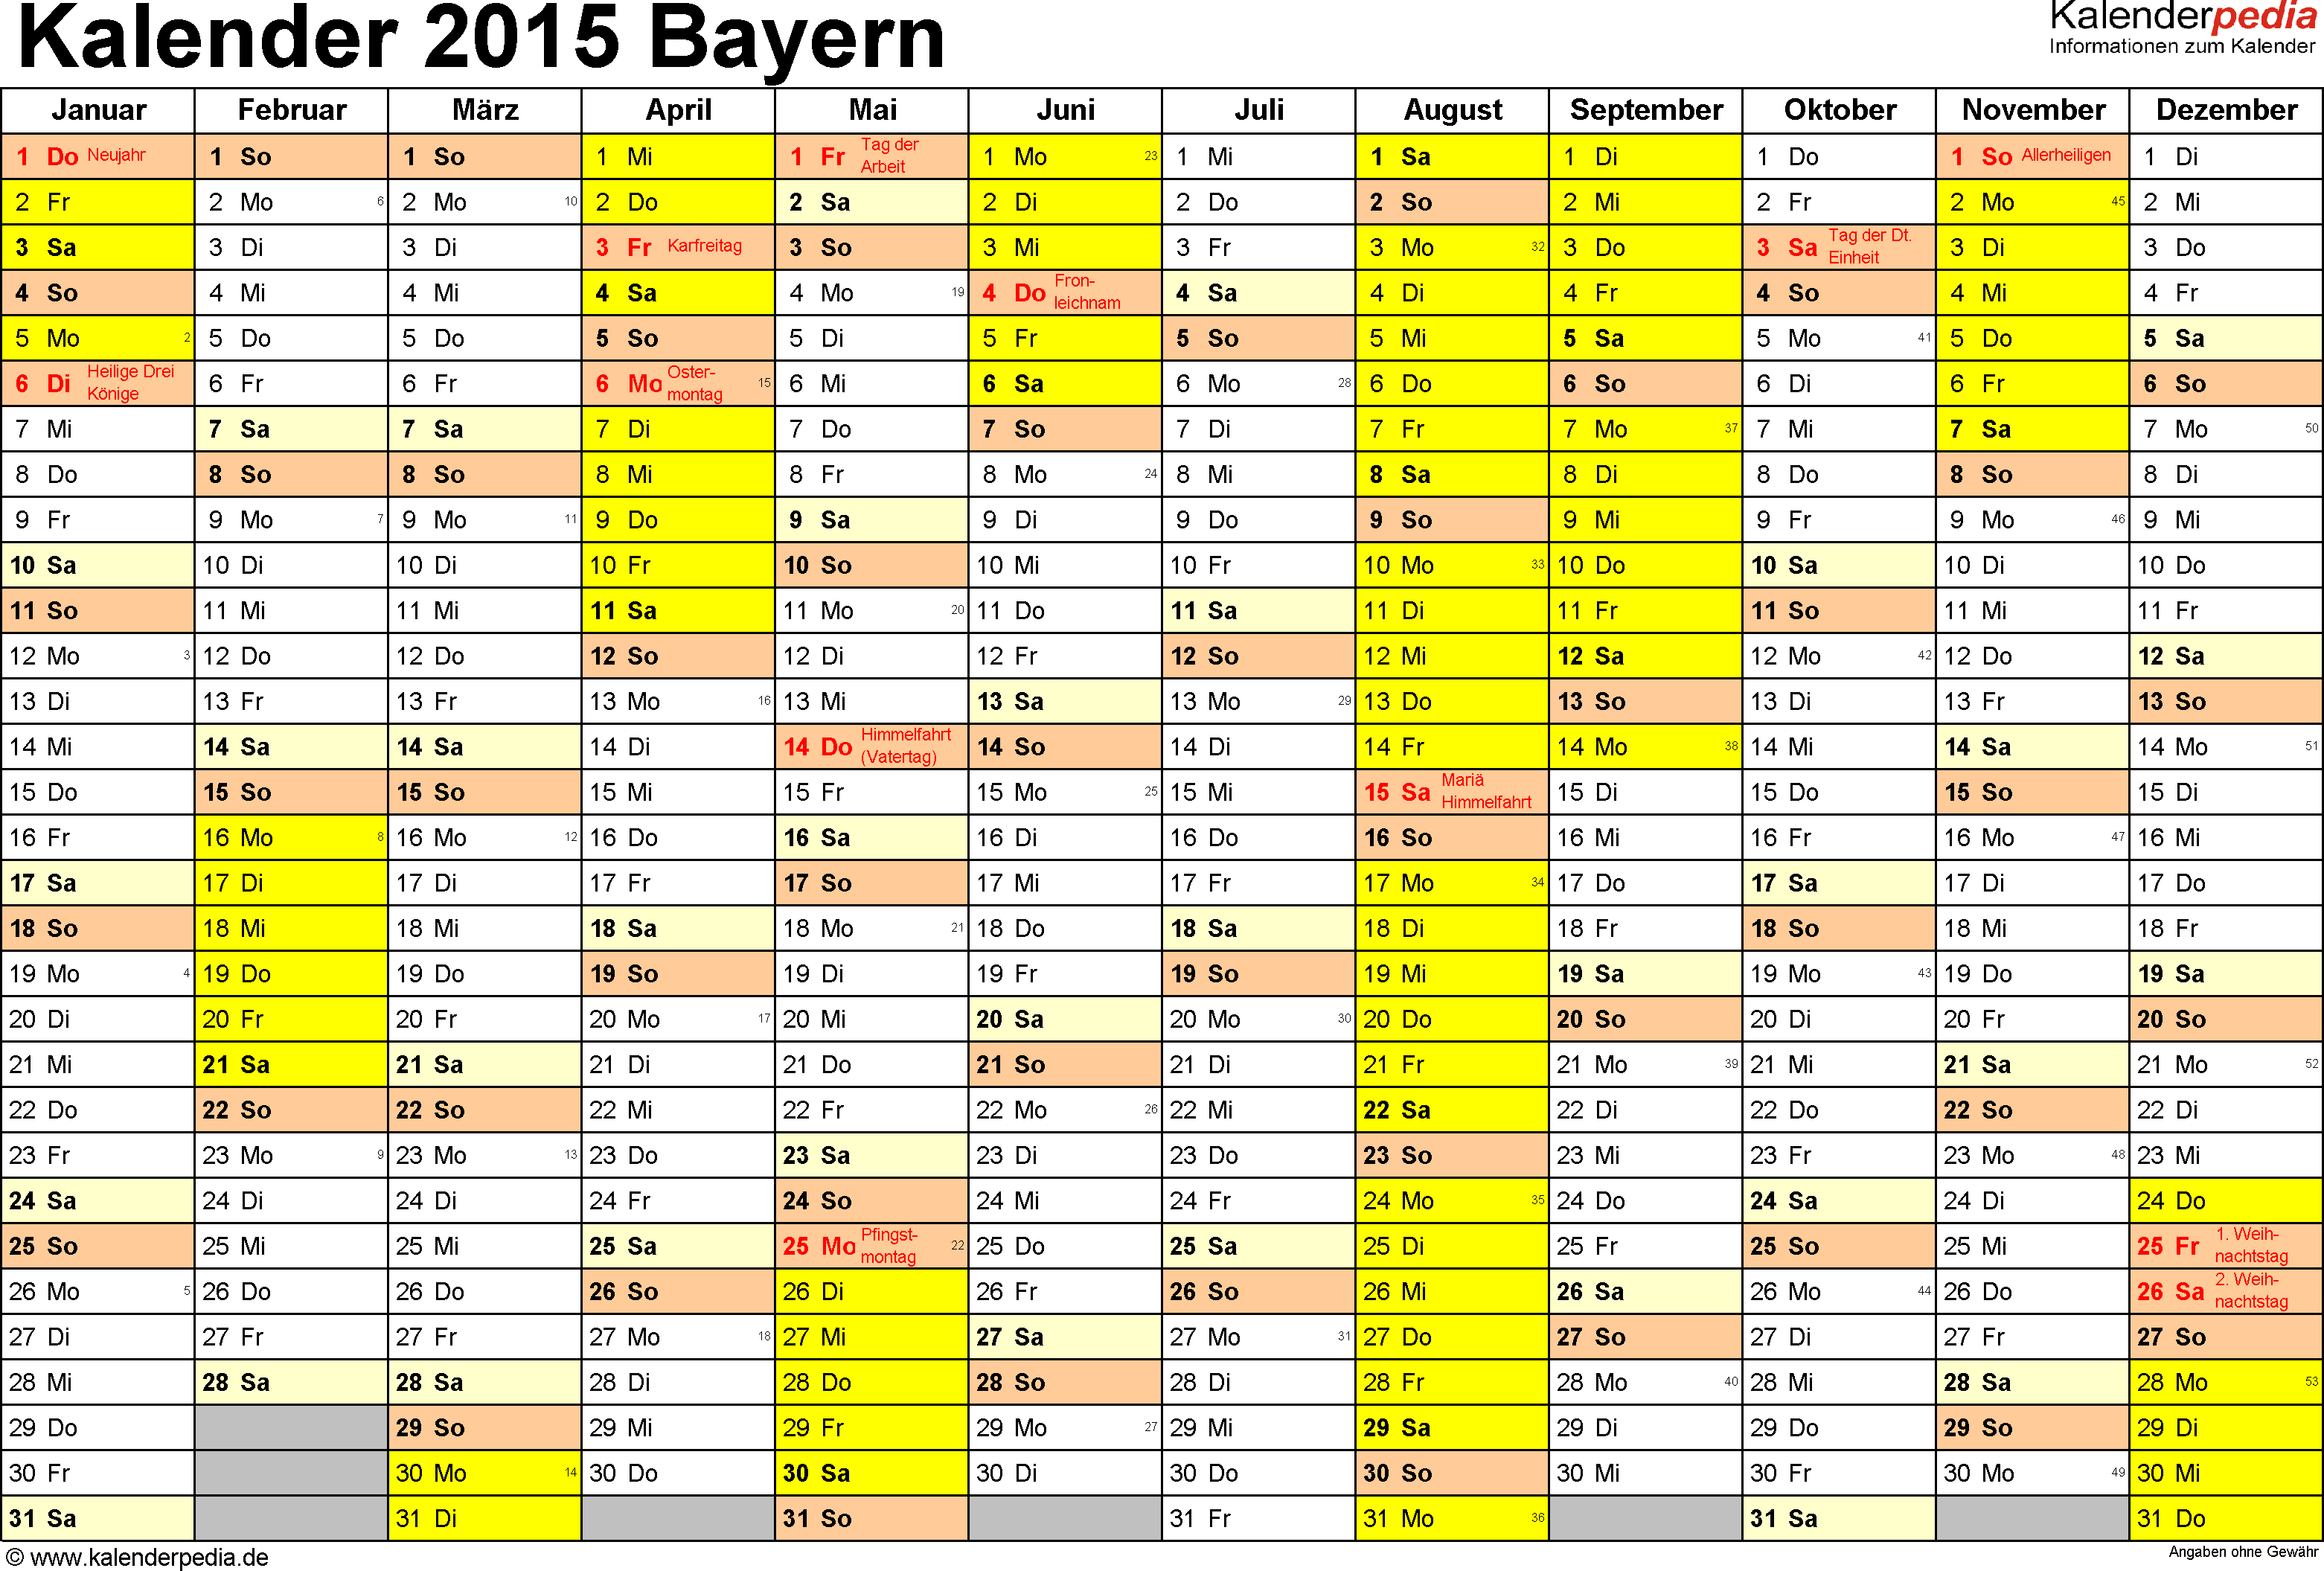 Vorlage 1: Kalender 2015 für Bayern als Word-Vorlage (Querformat, 1 Seite)